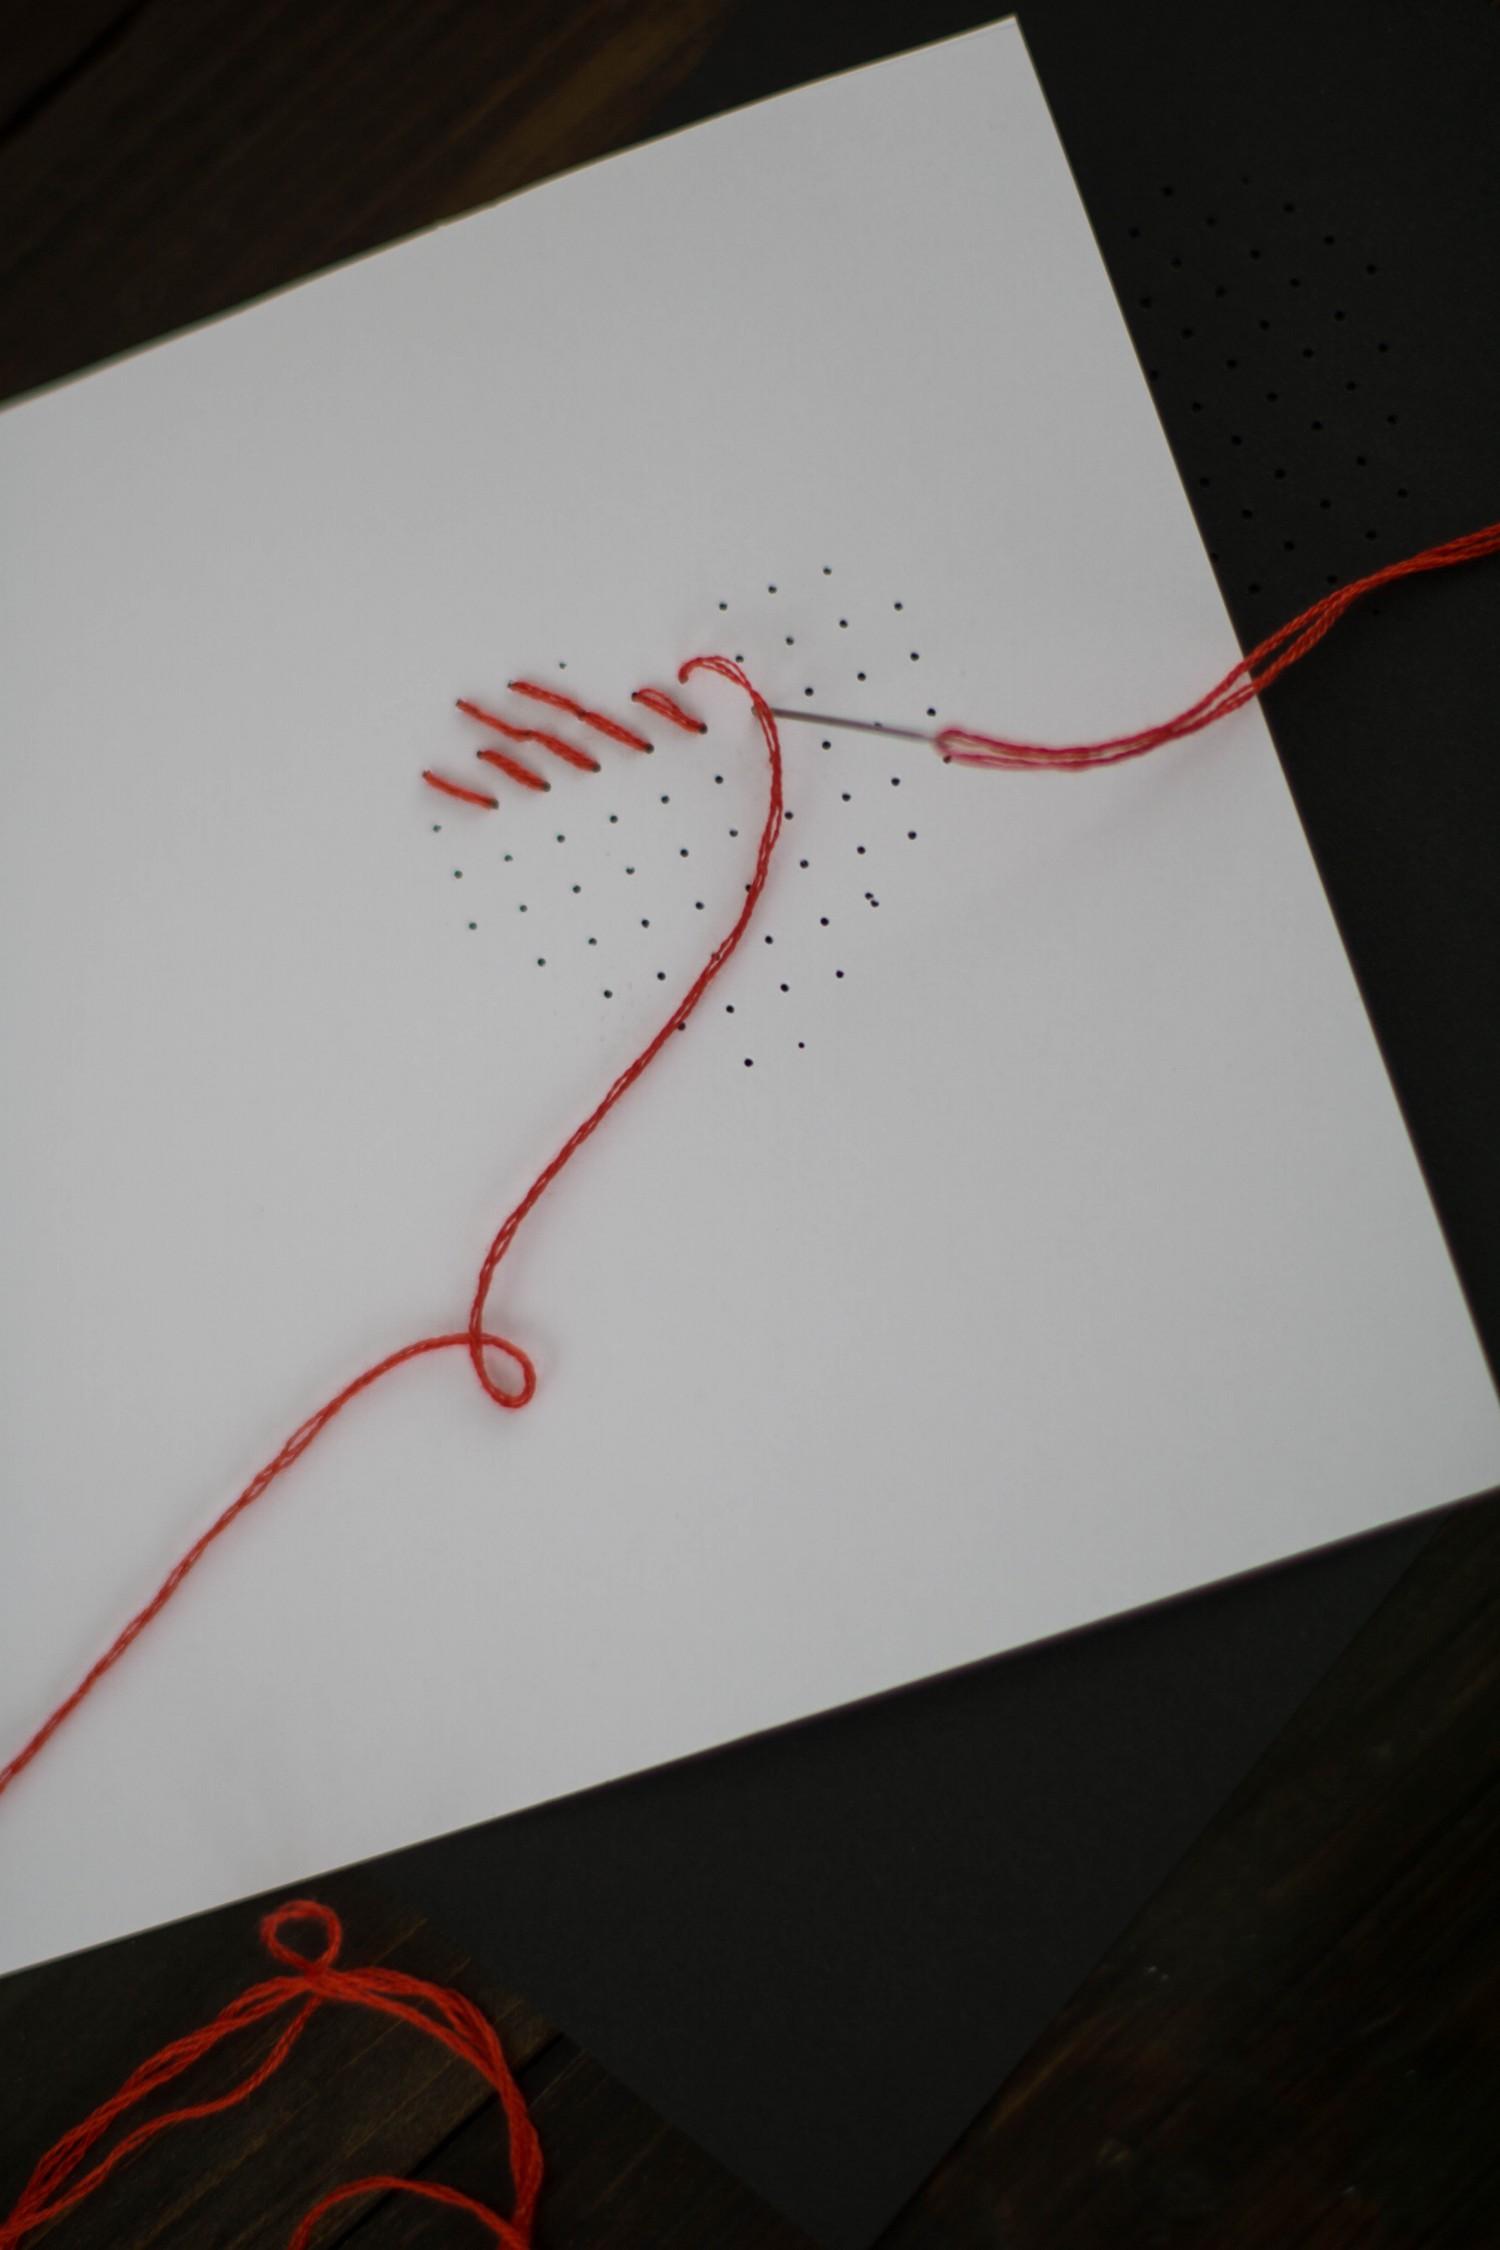 Bekannt DIY Karte Sticken Valentstag Herz-4 - Der Schlüssel zum Glück UV44